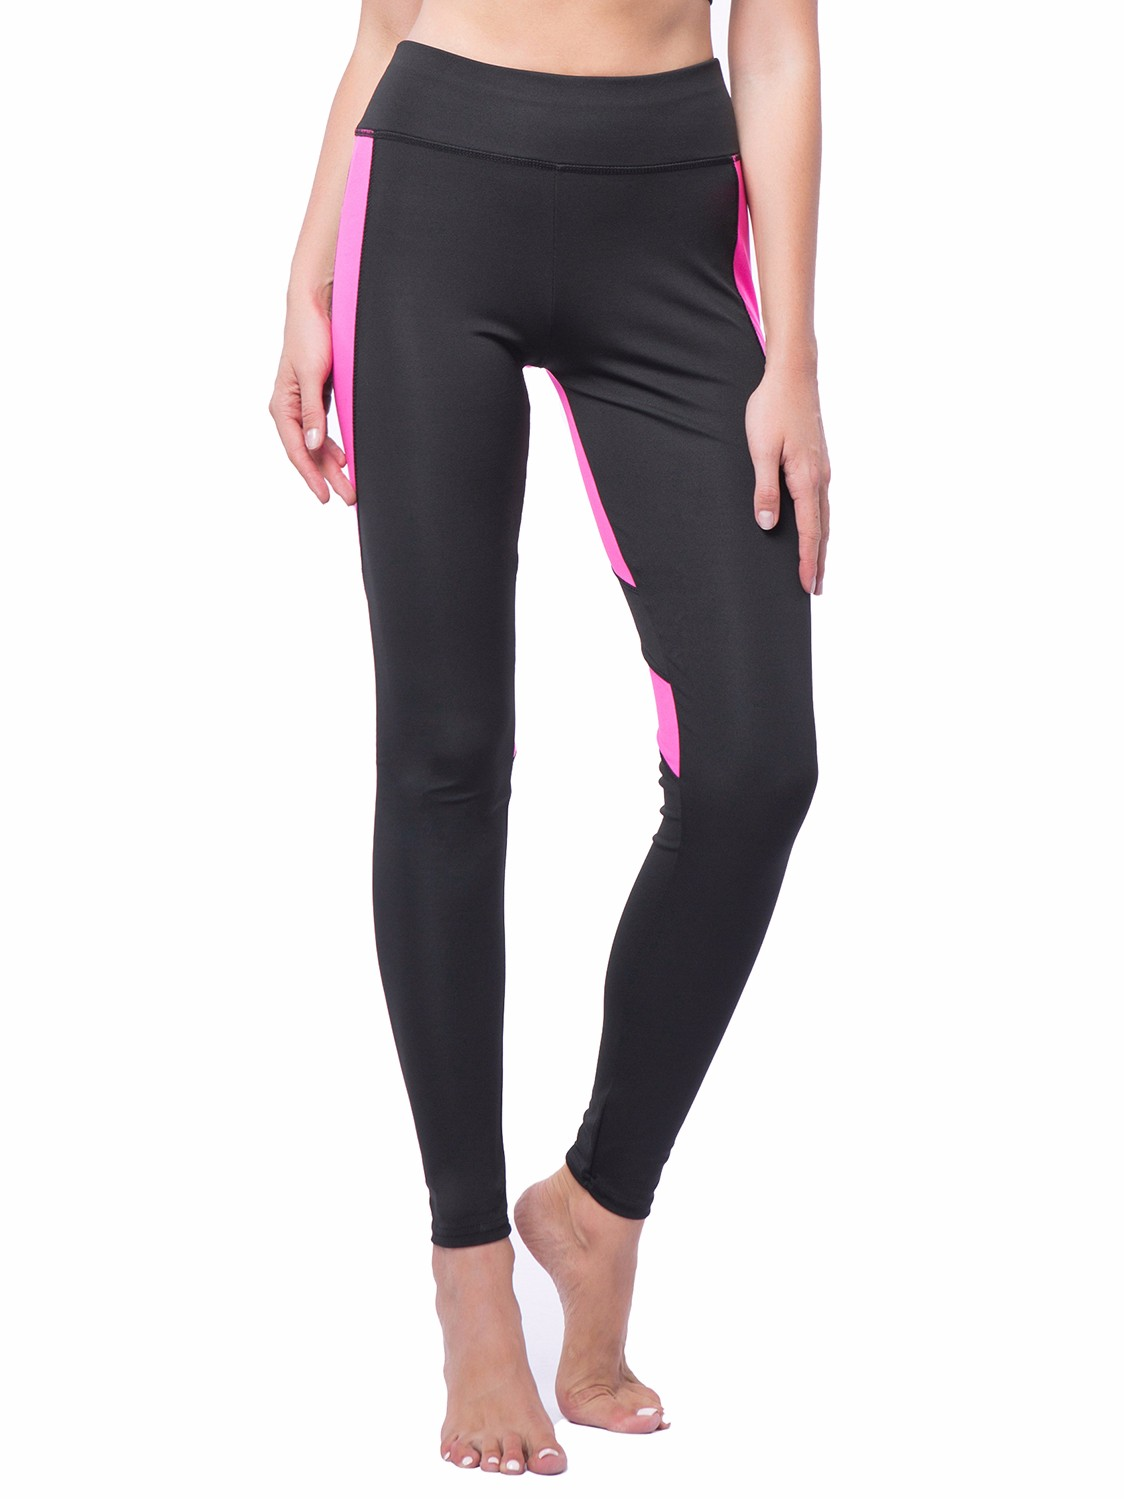 d83418cdbe14d9 FITTOO - FITTOO Activewear Women's Workout Leggings Mesh Splicing Yoga  Sport Pants Heart Shape Butt Black&Pink,S - Walmart.com